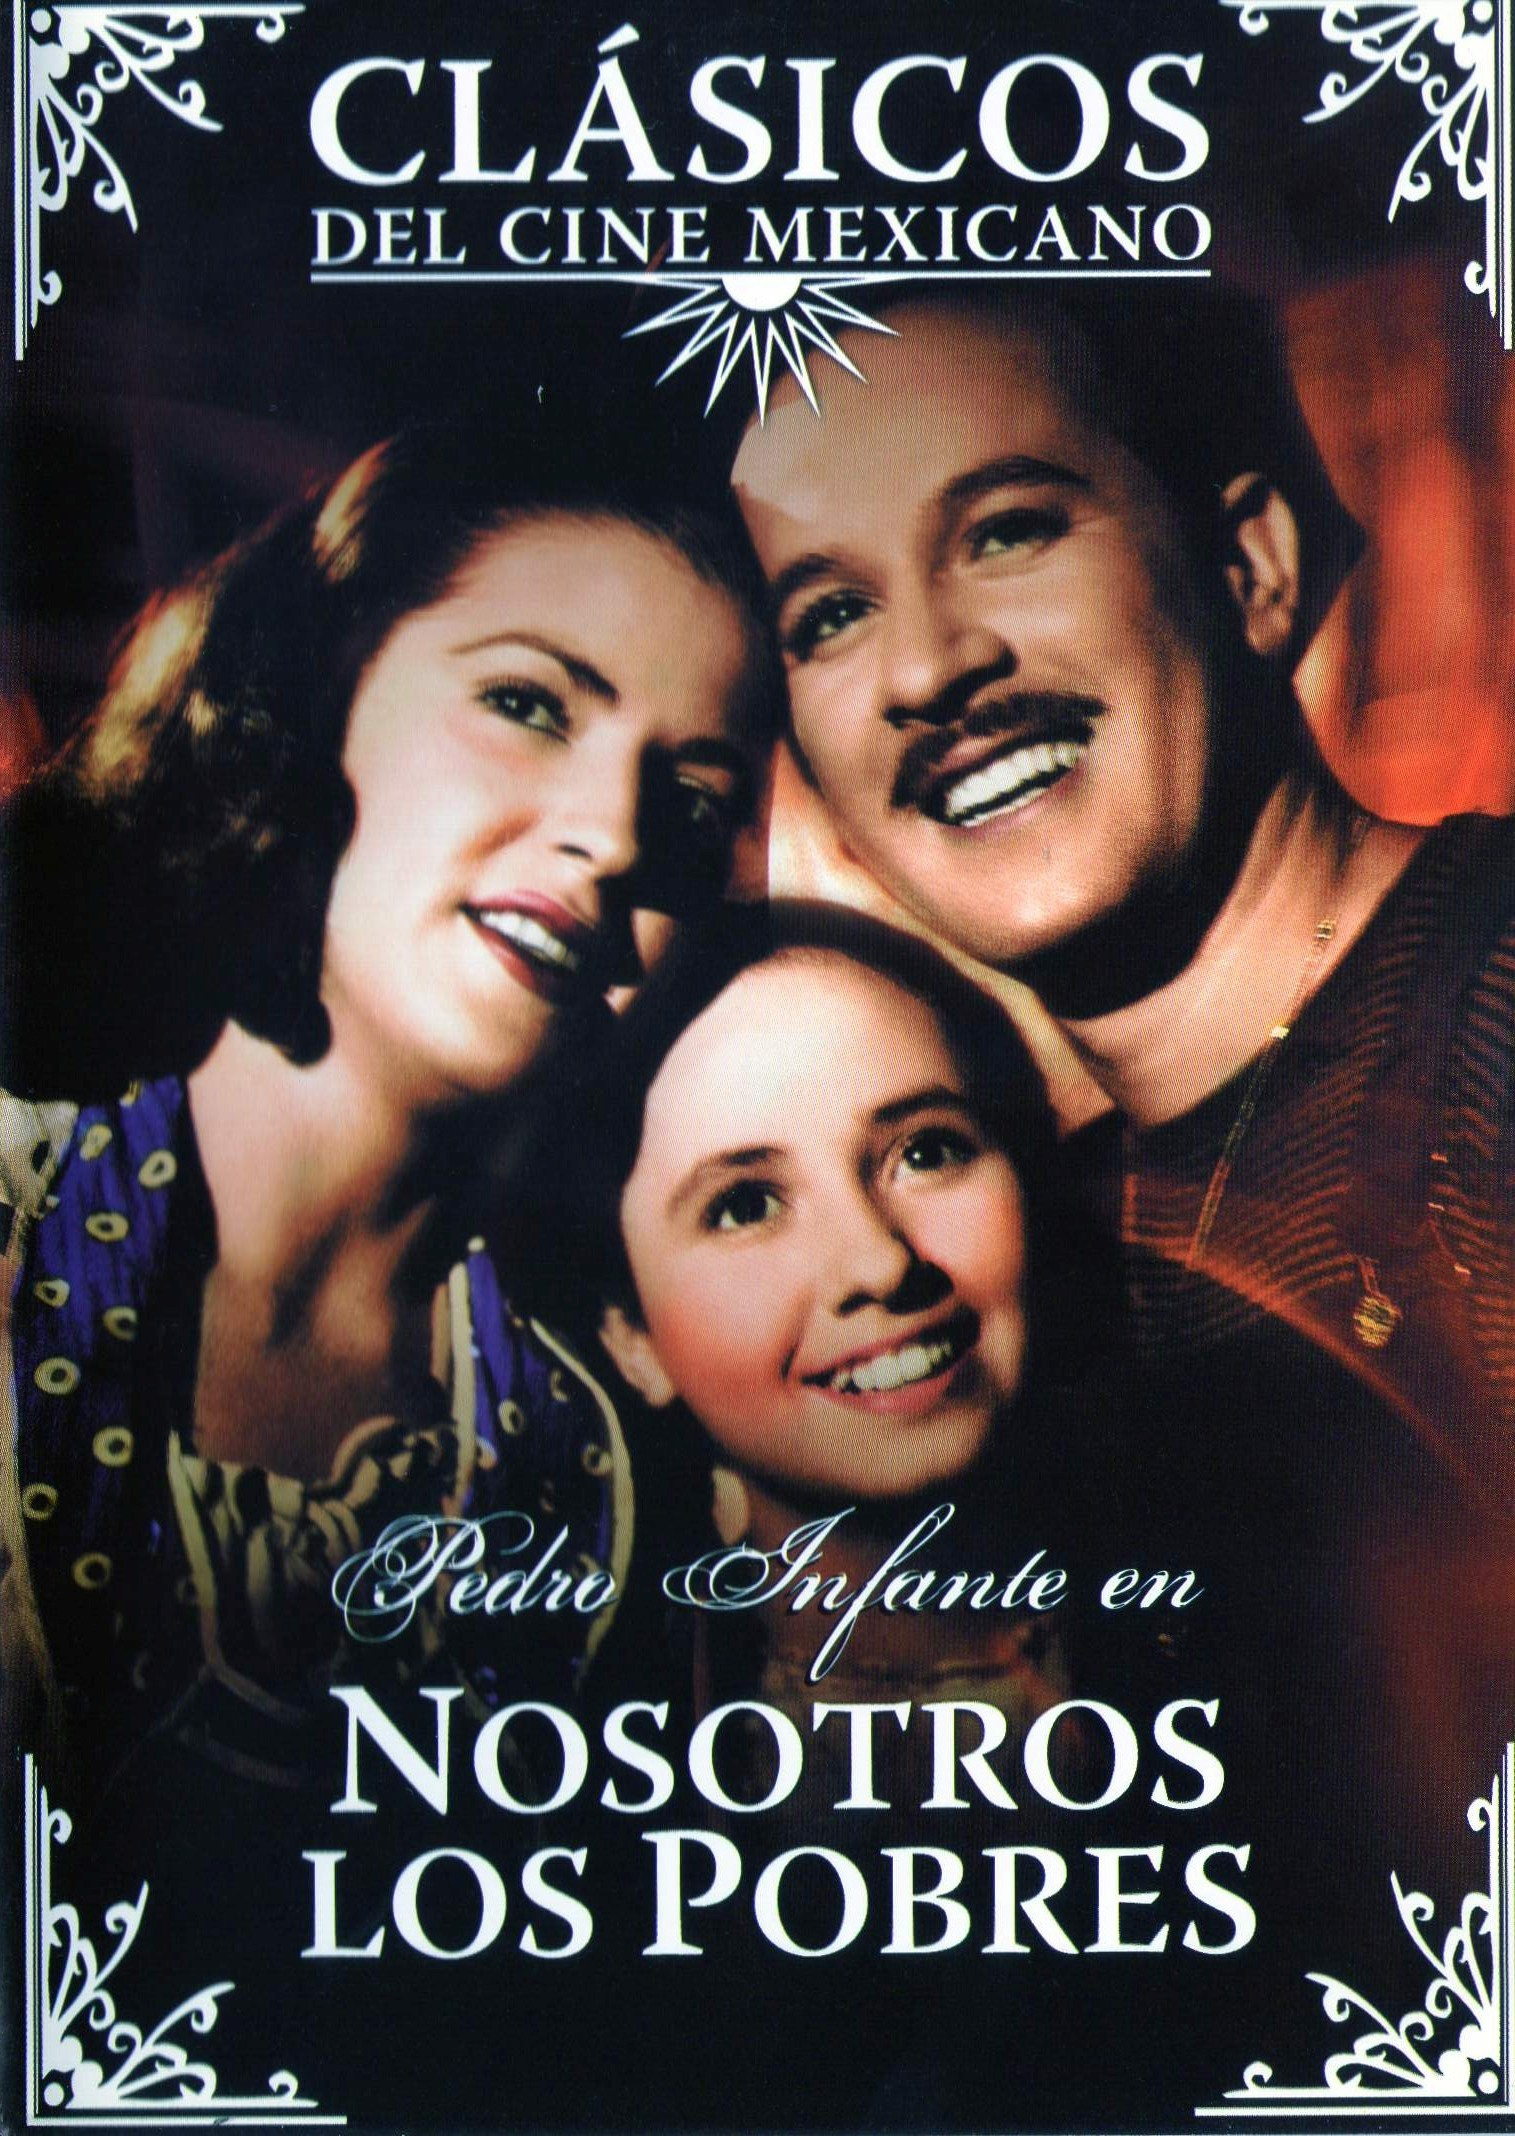 Nosotros los pobres (poster) - cine mexicano